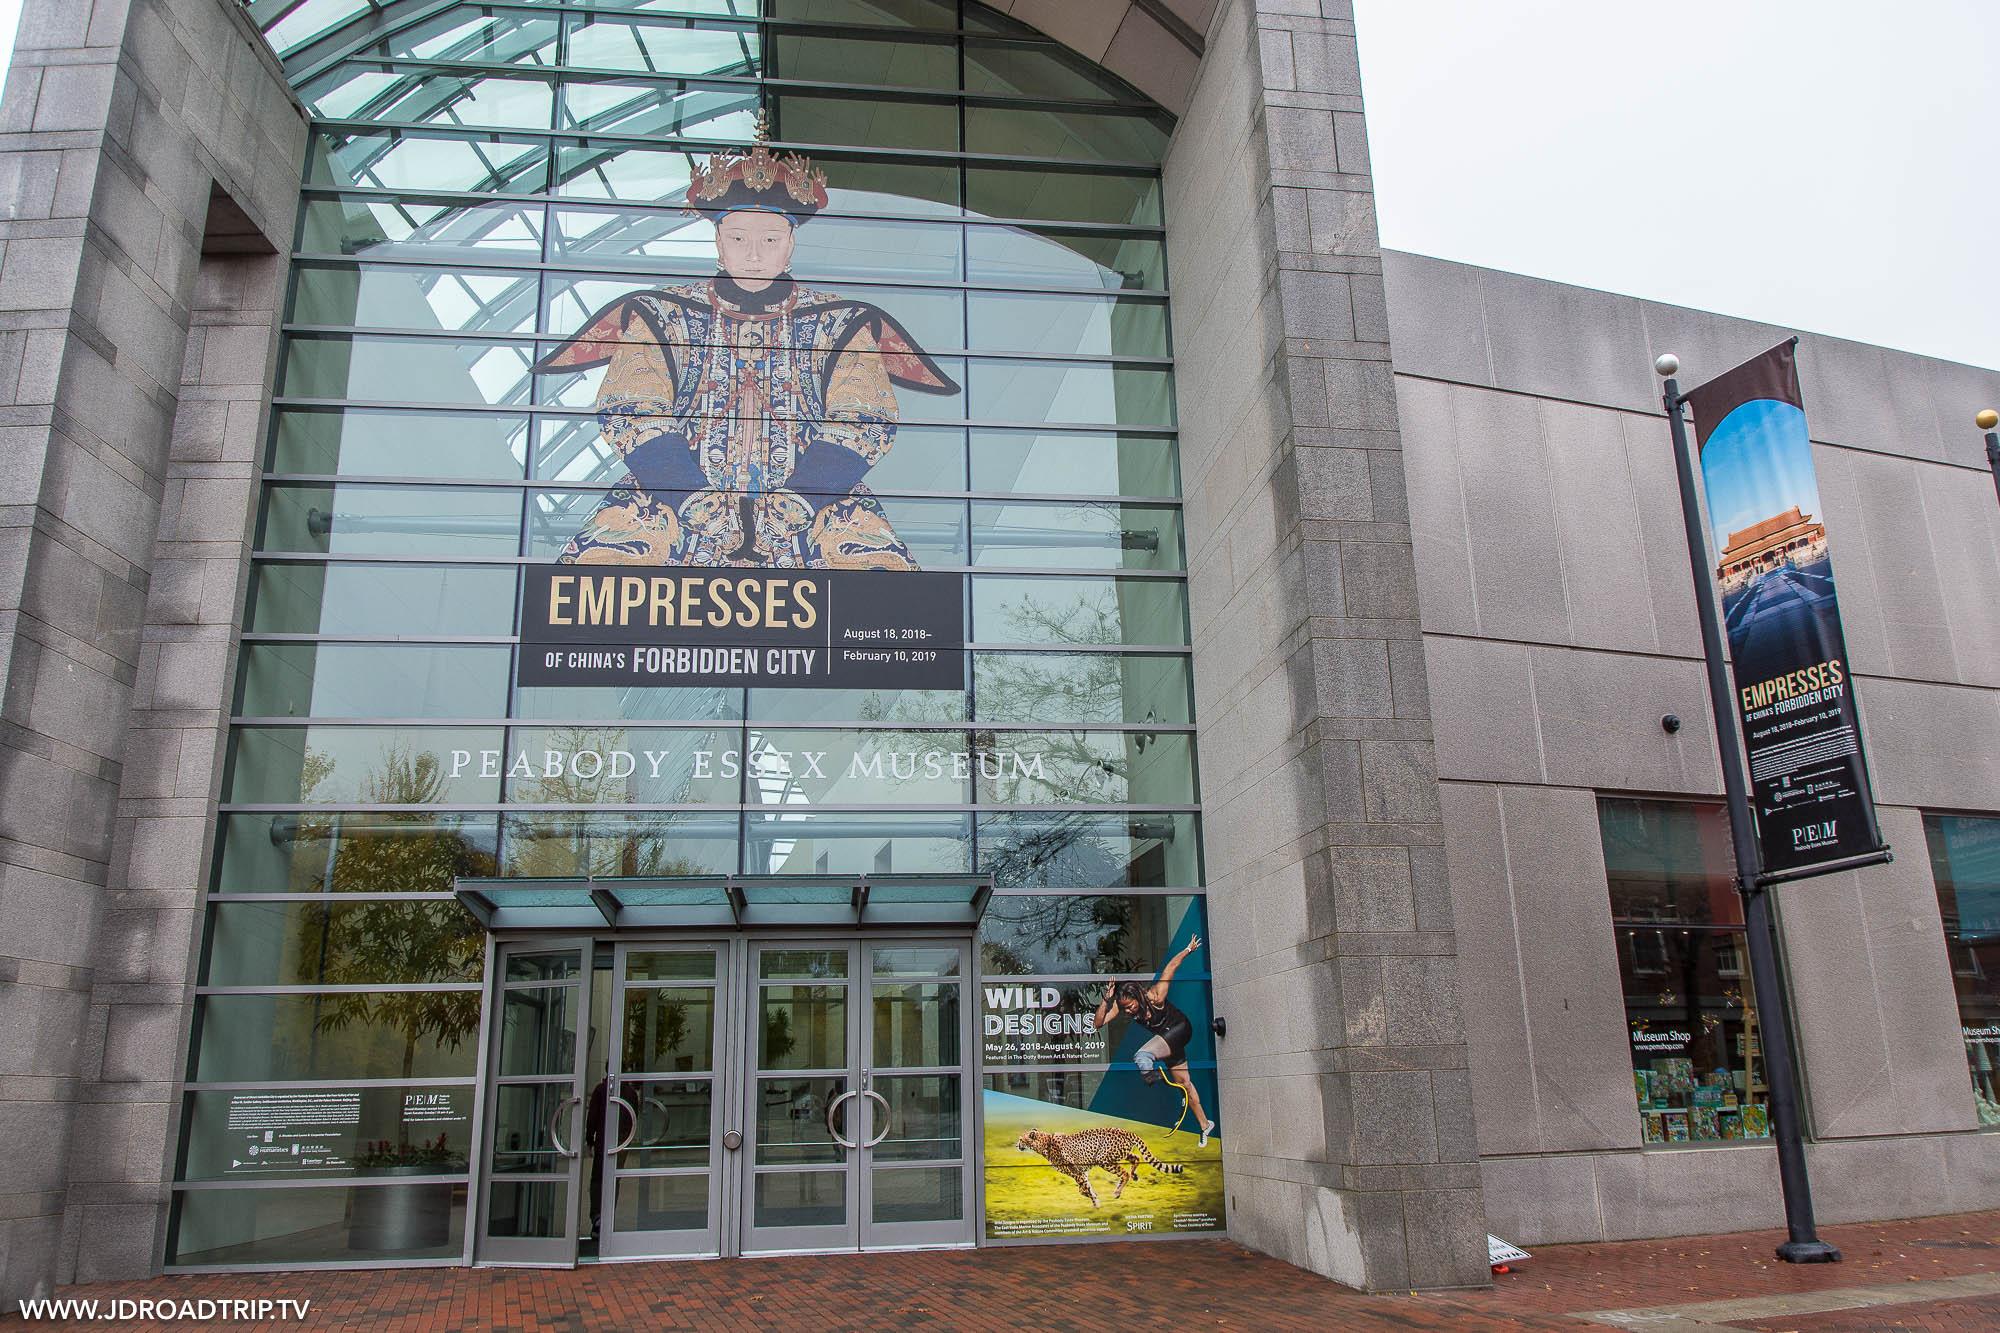 Passer une journée à visiter Salem - Musée Peabody Essex